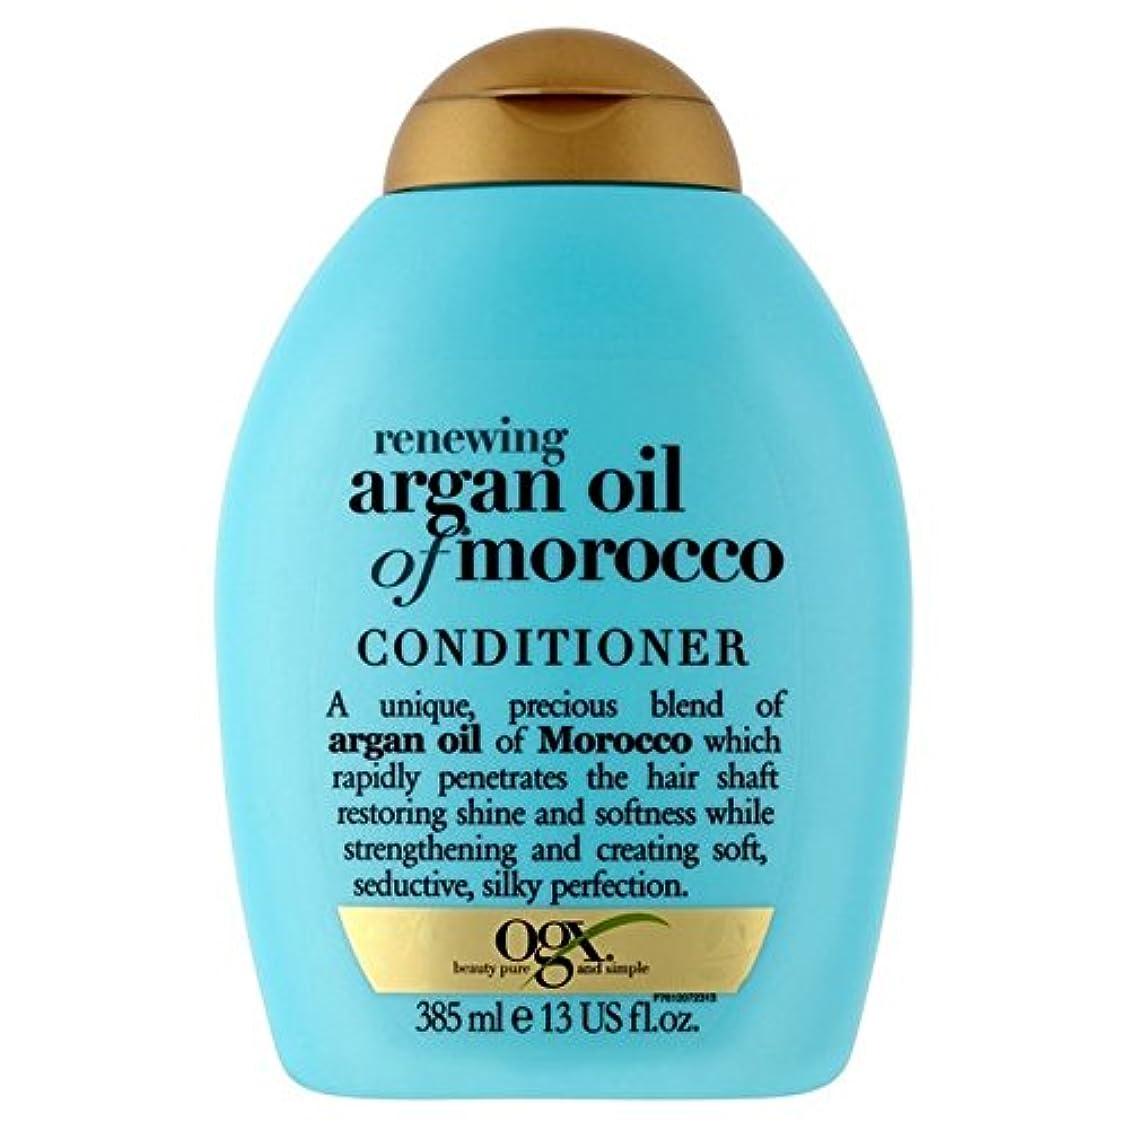 Ogx Moroccan Argan Oil Conditioner 385ml - モロッコのアルガンオイルコンディショナー385ミリリットル [並行輸入品]